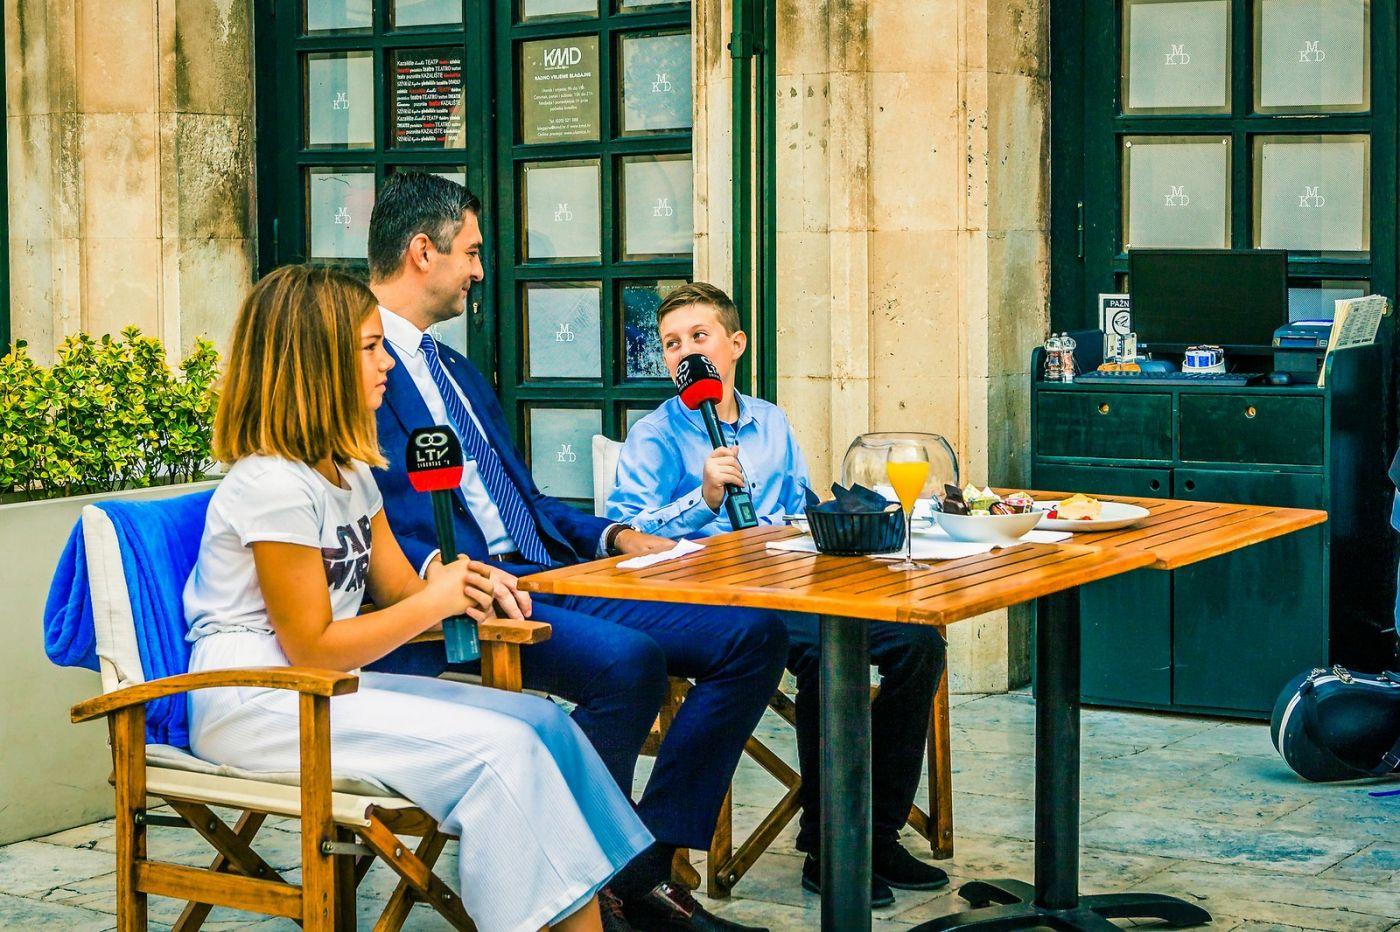 克罗地亚杜布罗夫尼克(Dubrovnik),古城小巷_图1-5